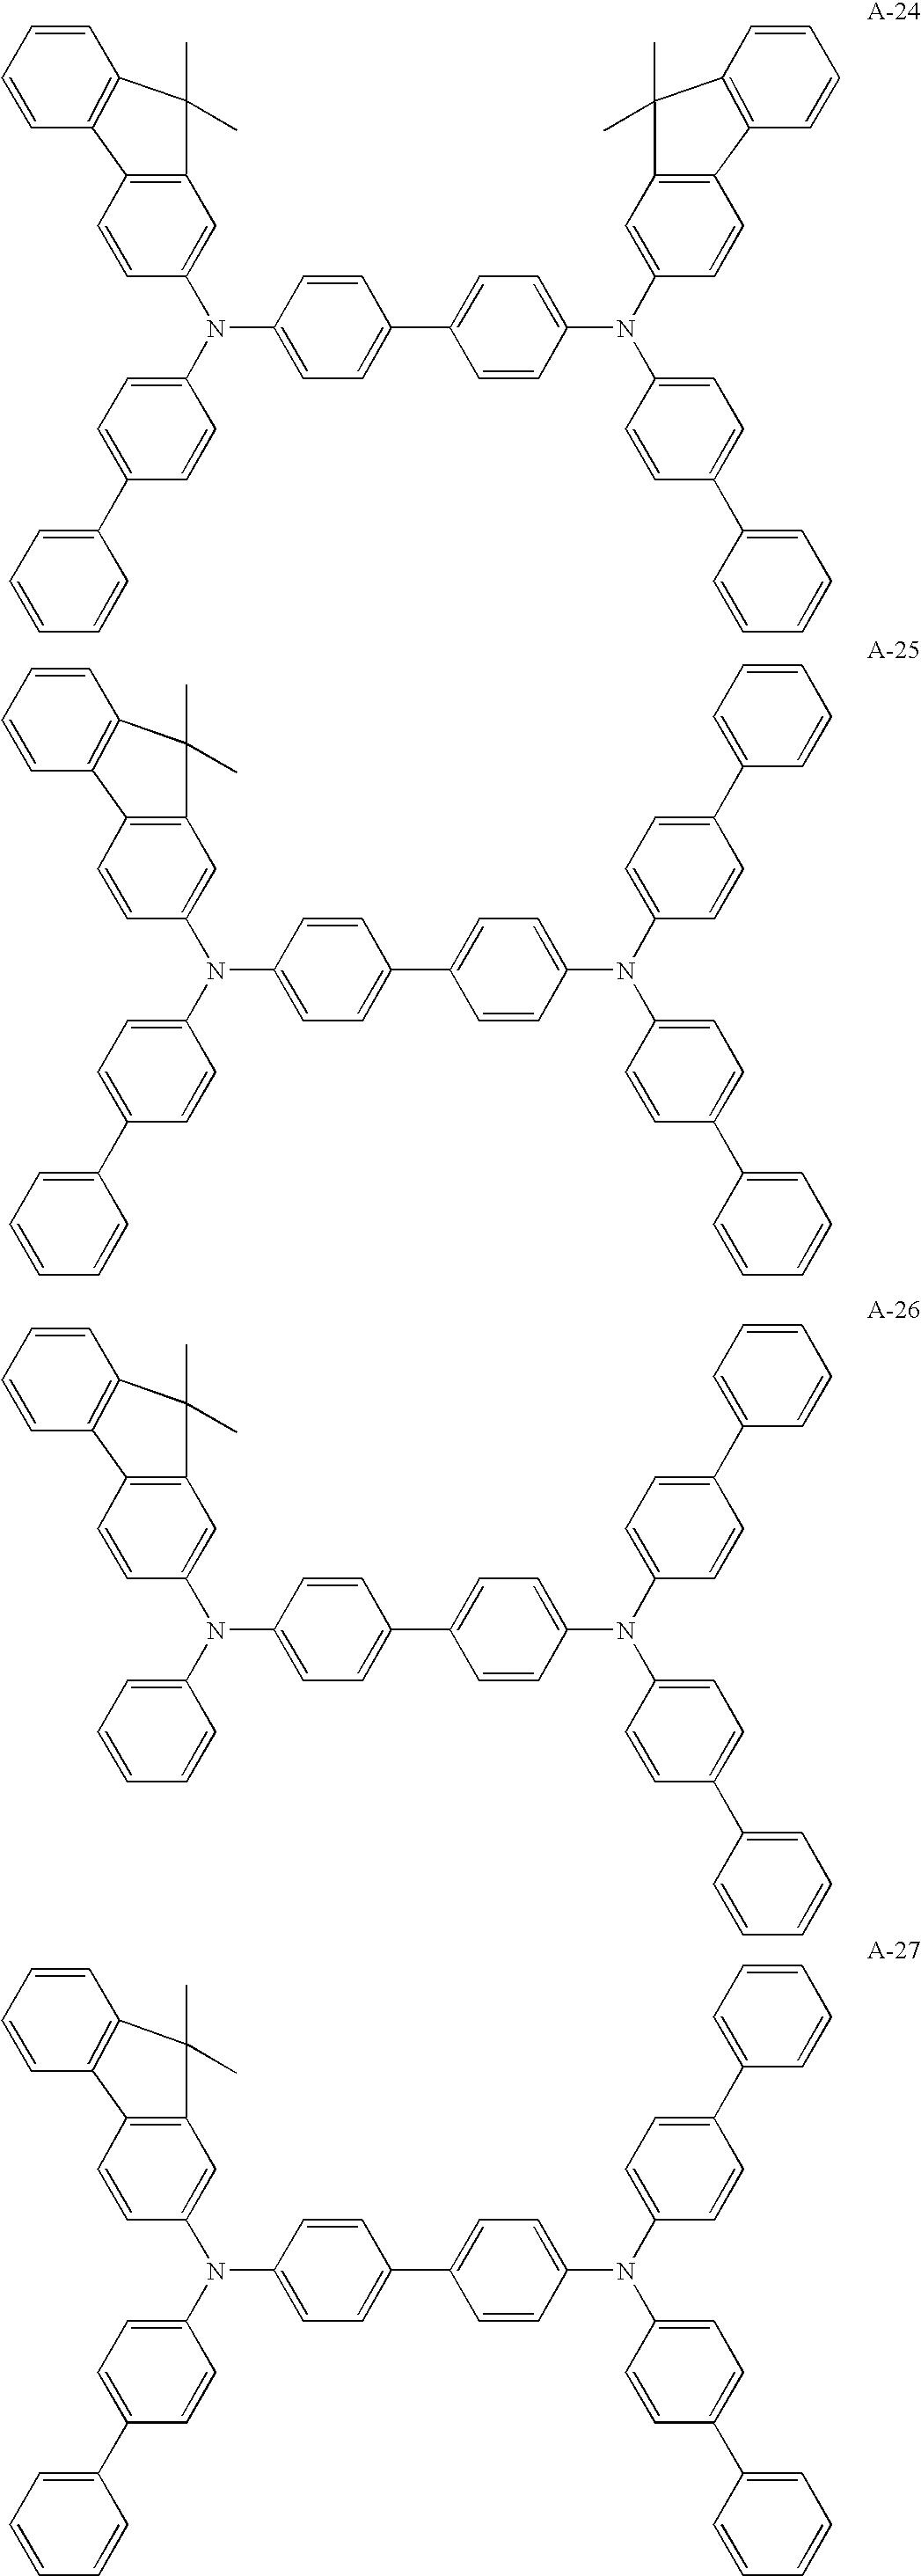 Figure US20080049413A1-20080228-C00015